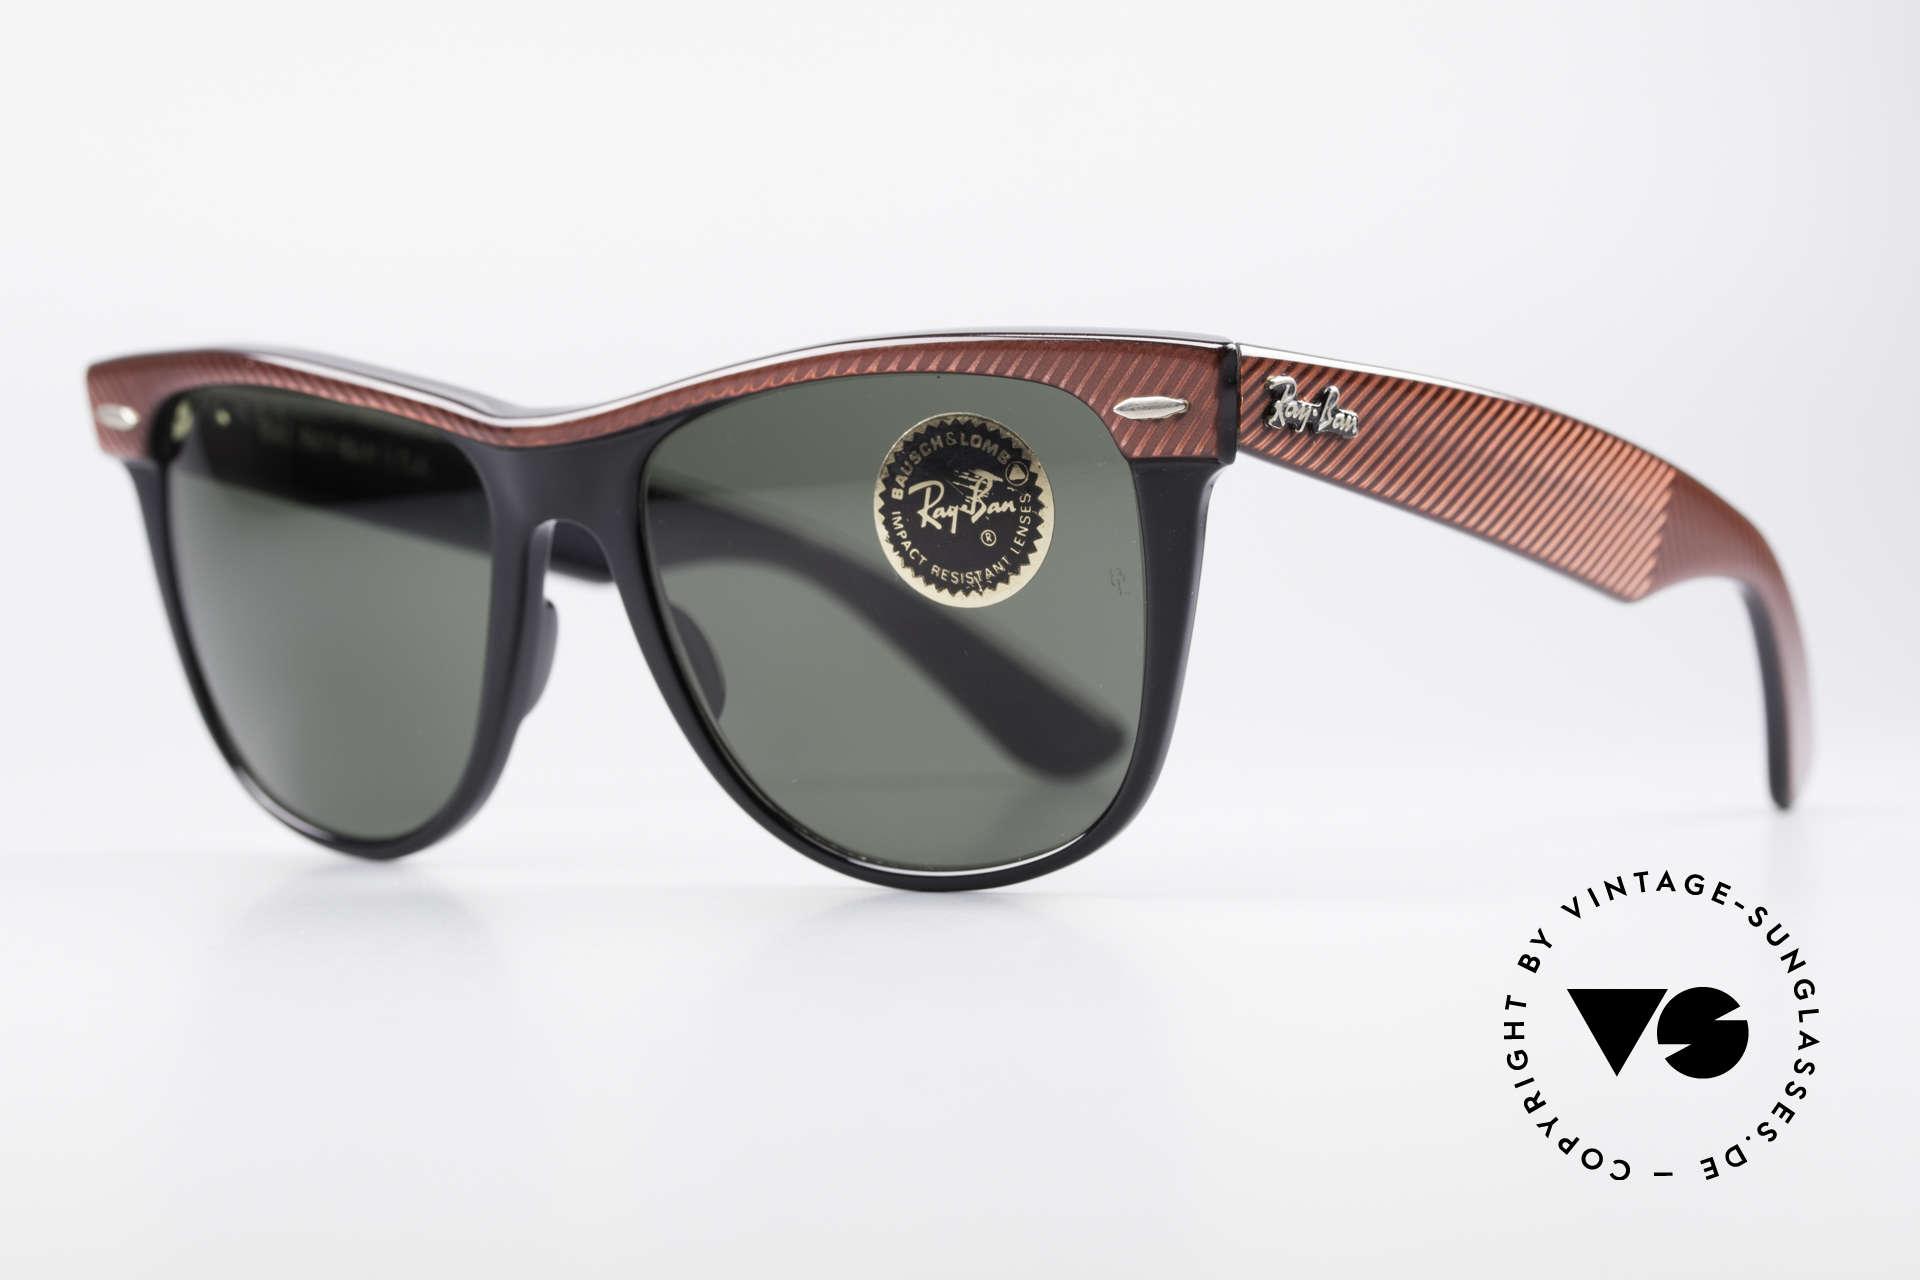 Ray Ban Wayfarer II Original USA Wayfarer B&L, berühmte Filmsonnenbrille der 80er Jahre; Kult!, Passend für Herren und Damen